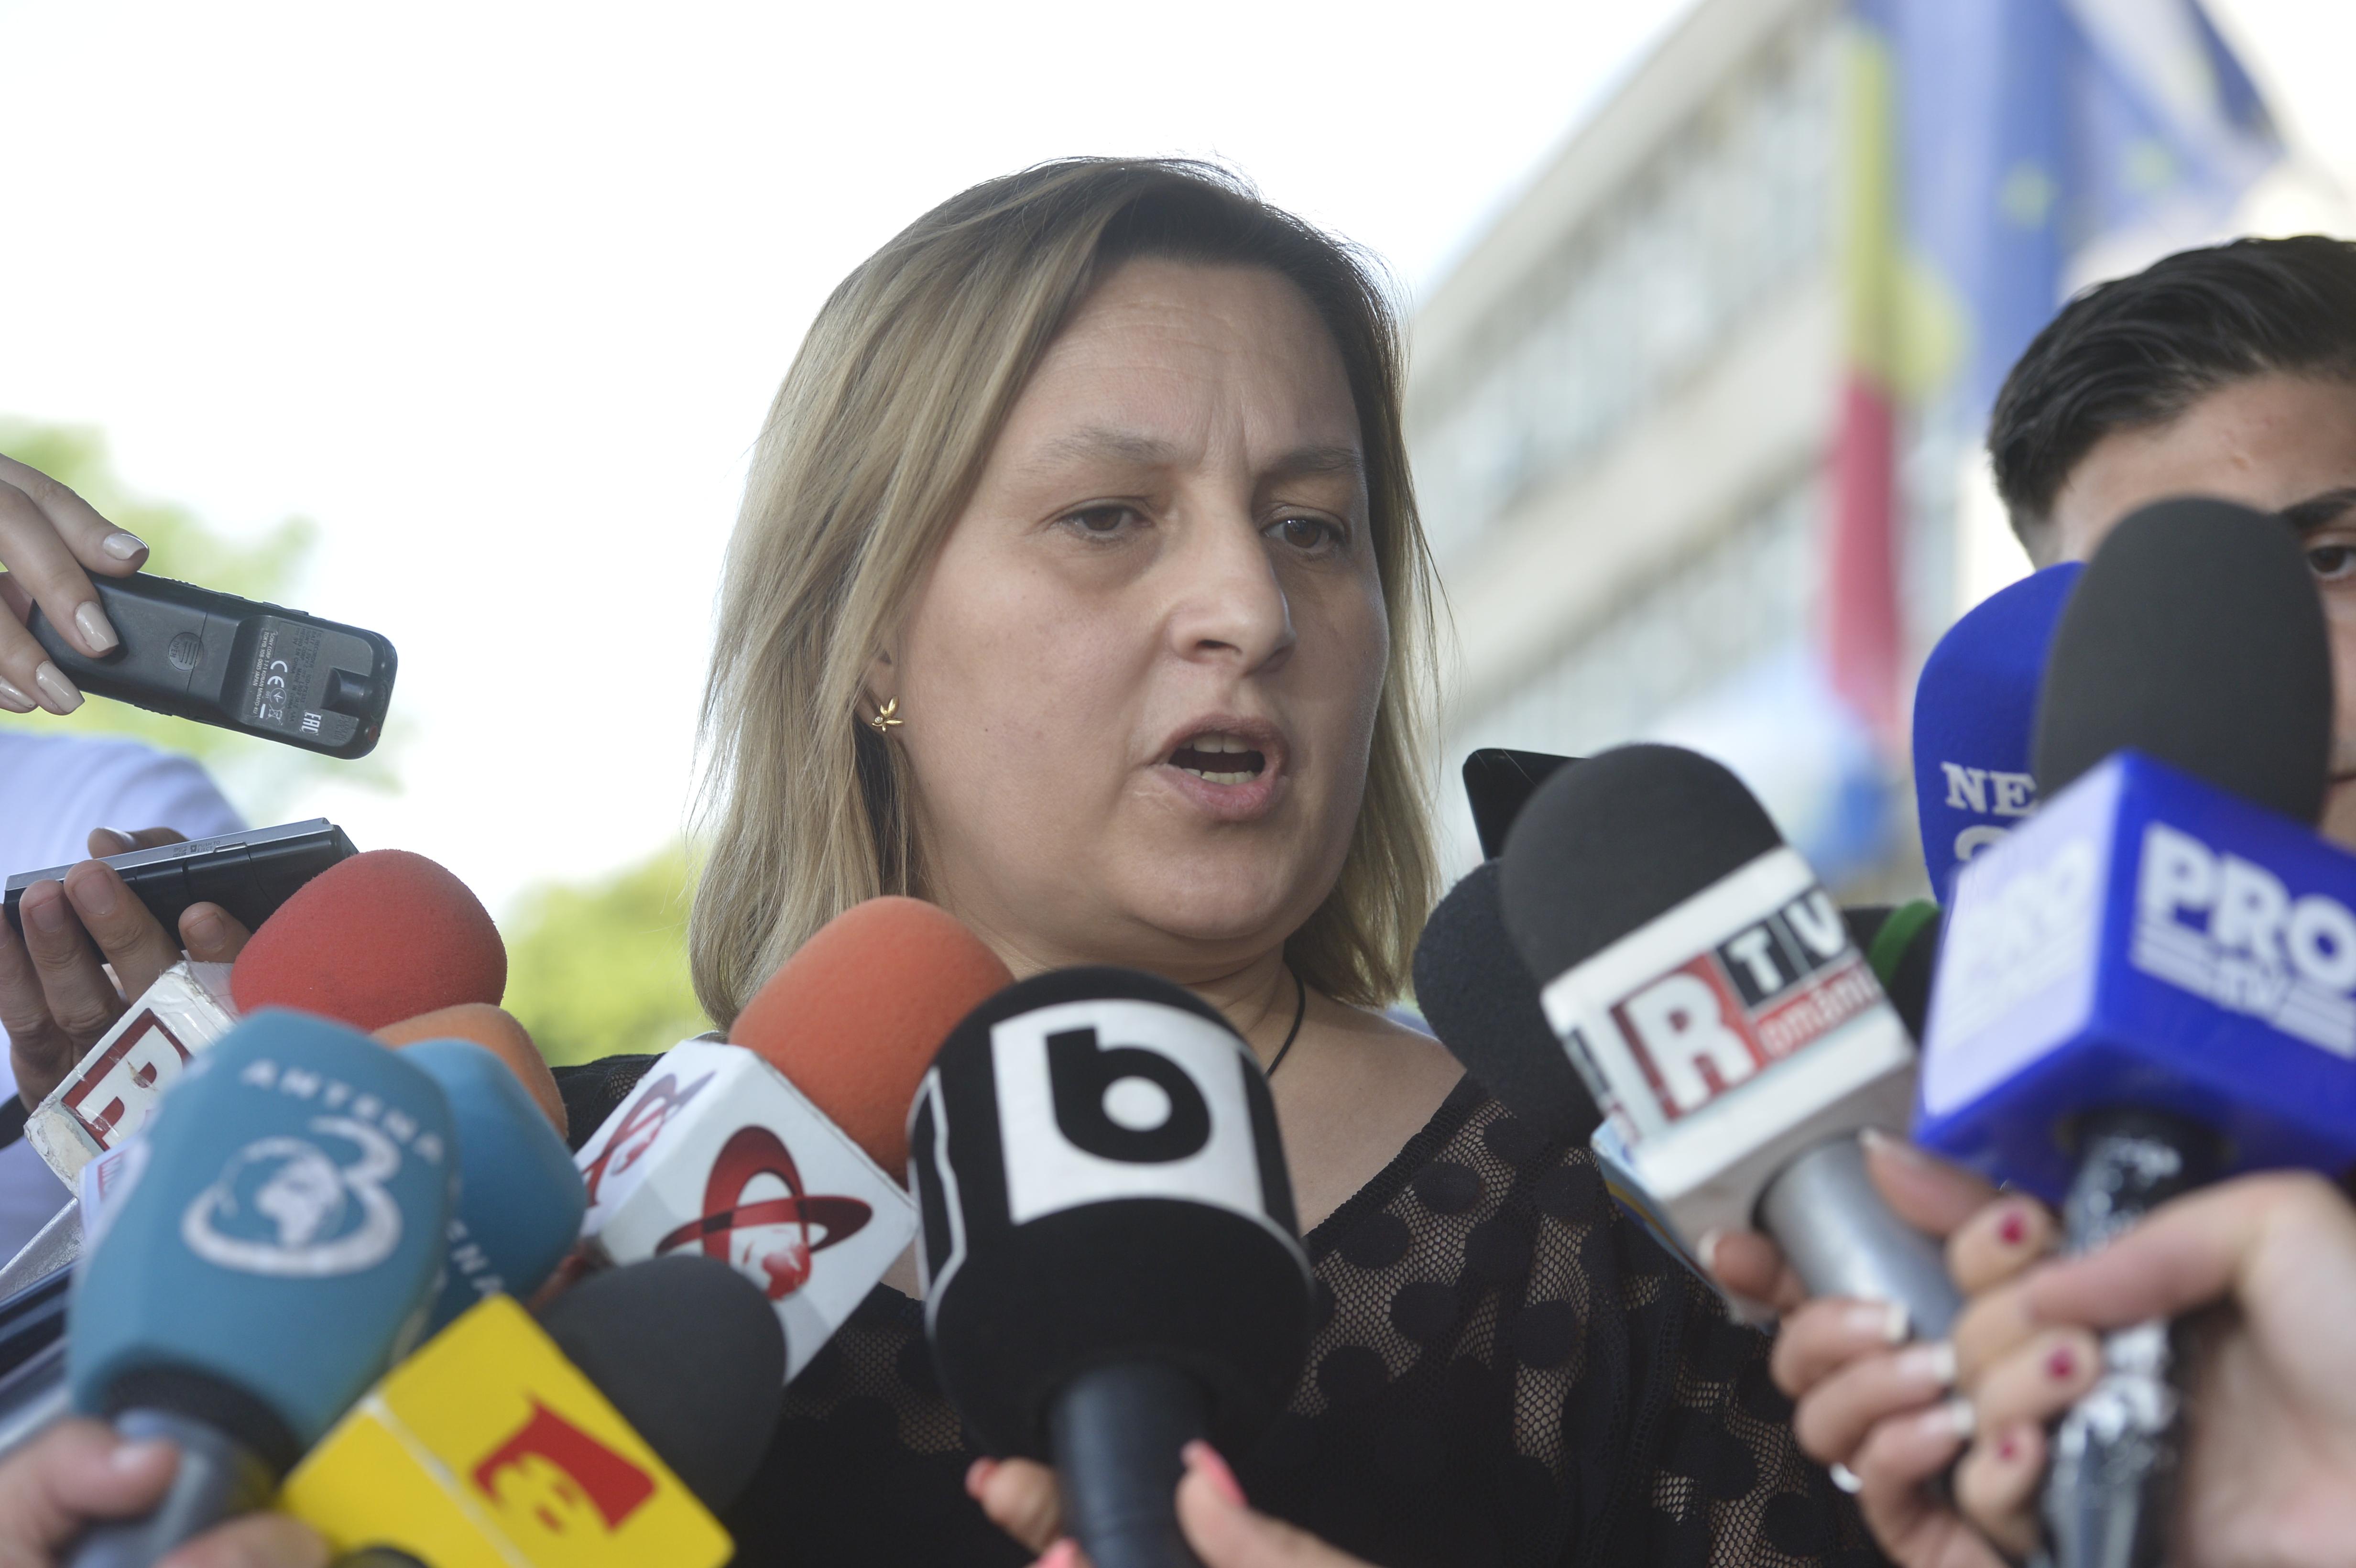 Curtea de Apel a suspendat decizia lui Kovesi de a o revoca din DNA pe procurorul Mihaiela Iorga Moraru. Măsura este contestabilă